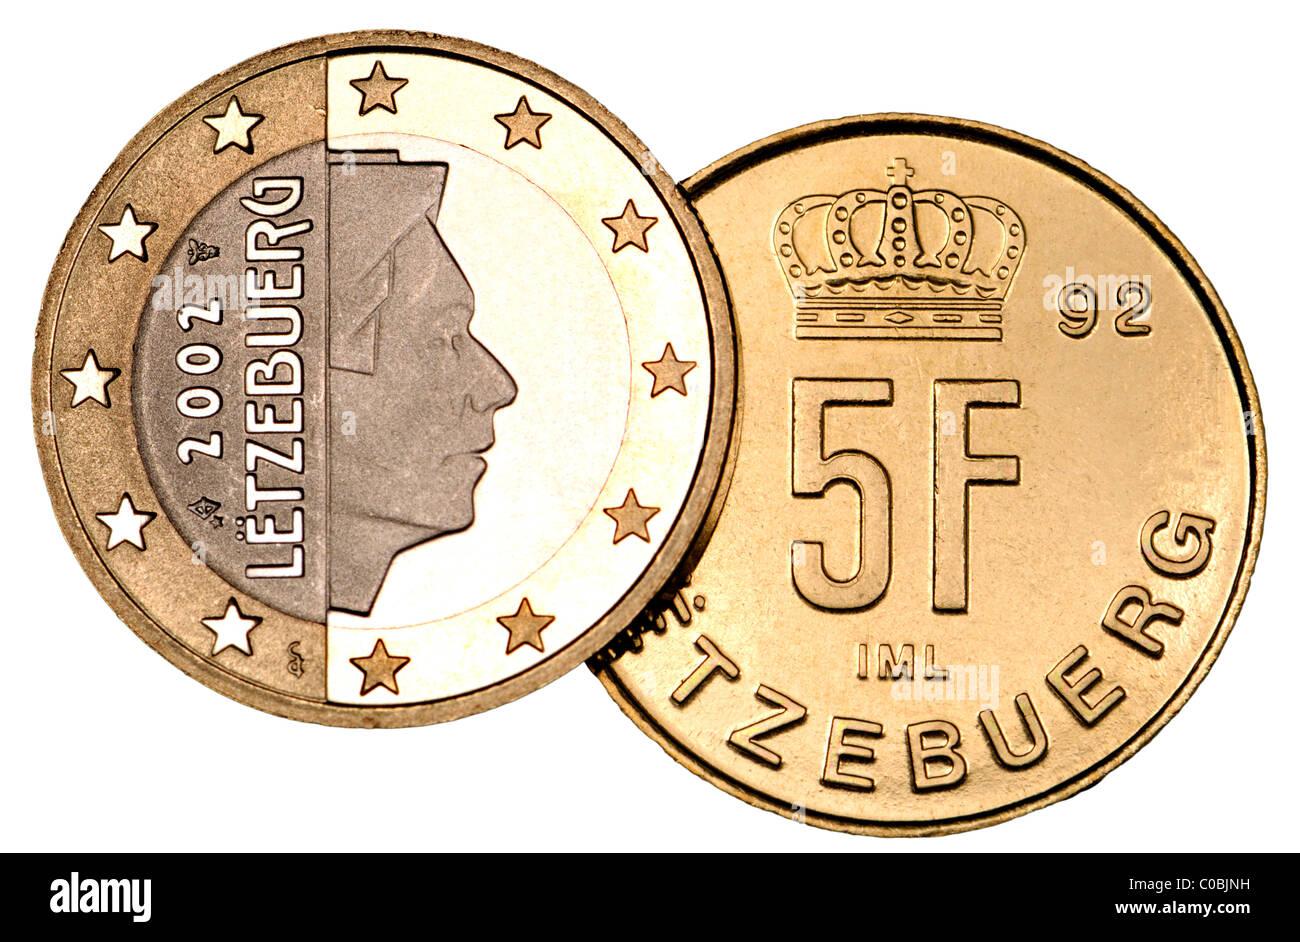 Luxemburg 1 Euro Münze Von 2000 Und 5 Franc Münze Von 1992 Stockfoto